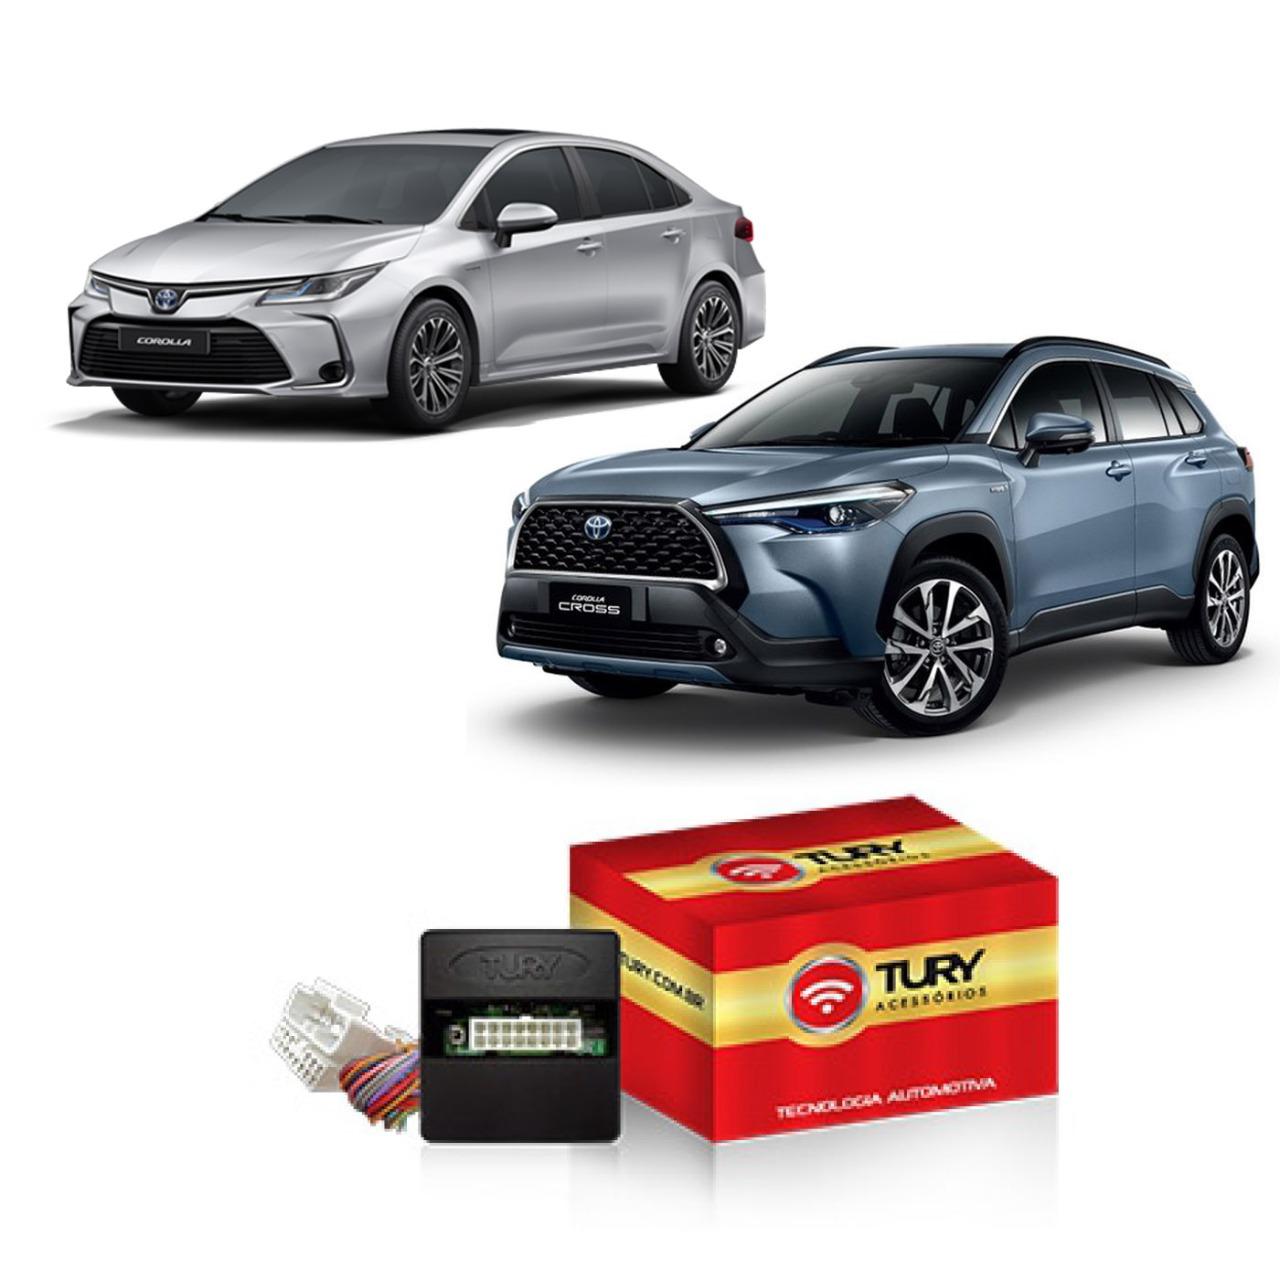 Módulo Subida Vidro Tilt-Down Rebatimento Retrovisor Lexus - PARK6.9.7DW